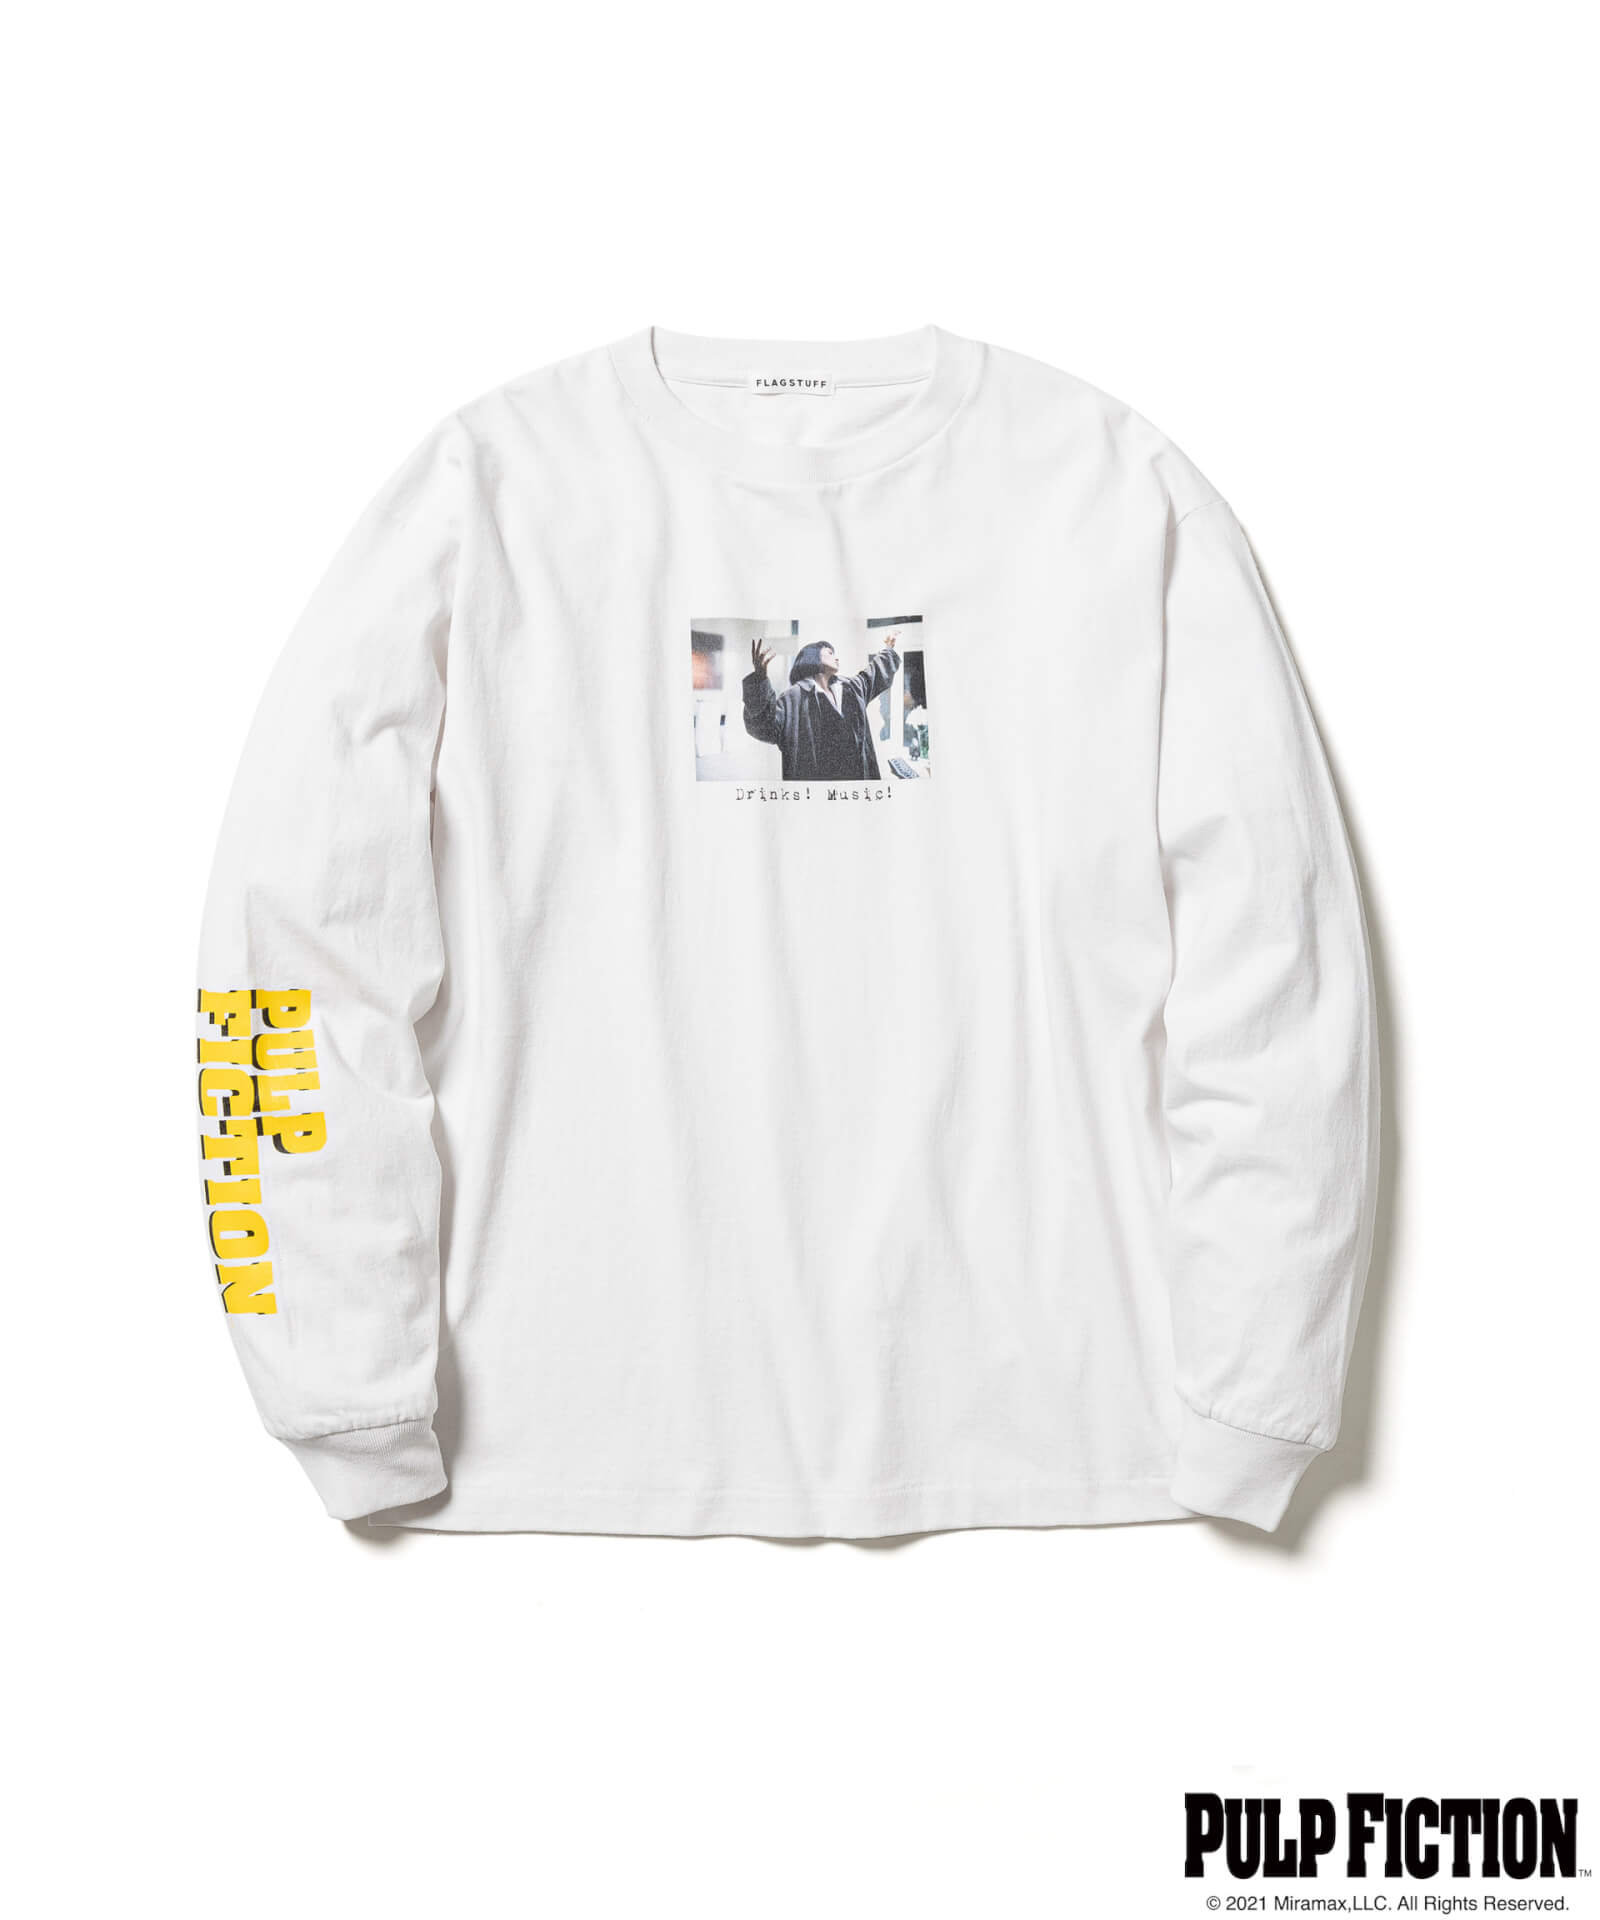 映画『パルプ・フィクション』とF-LAGSTUF-Fのオリジナルアパレルコレクションが発売決定!ユマ・サーマンプリントのTシャツも fashion211006_fs-pf-06